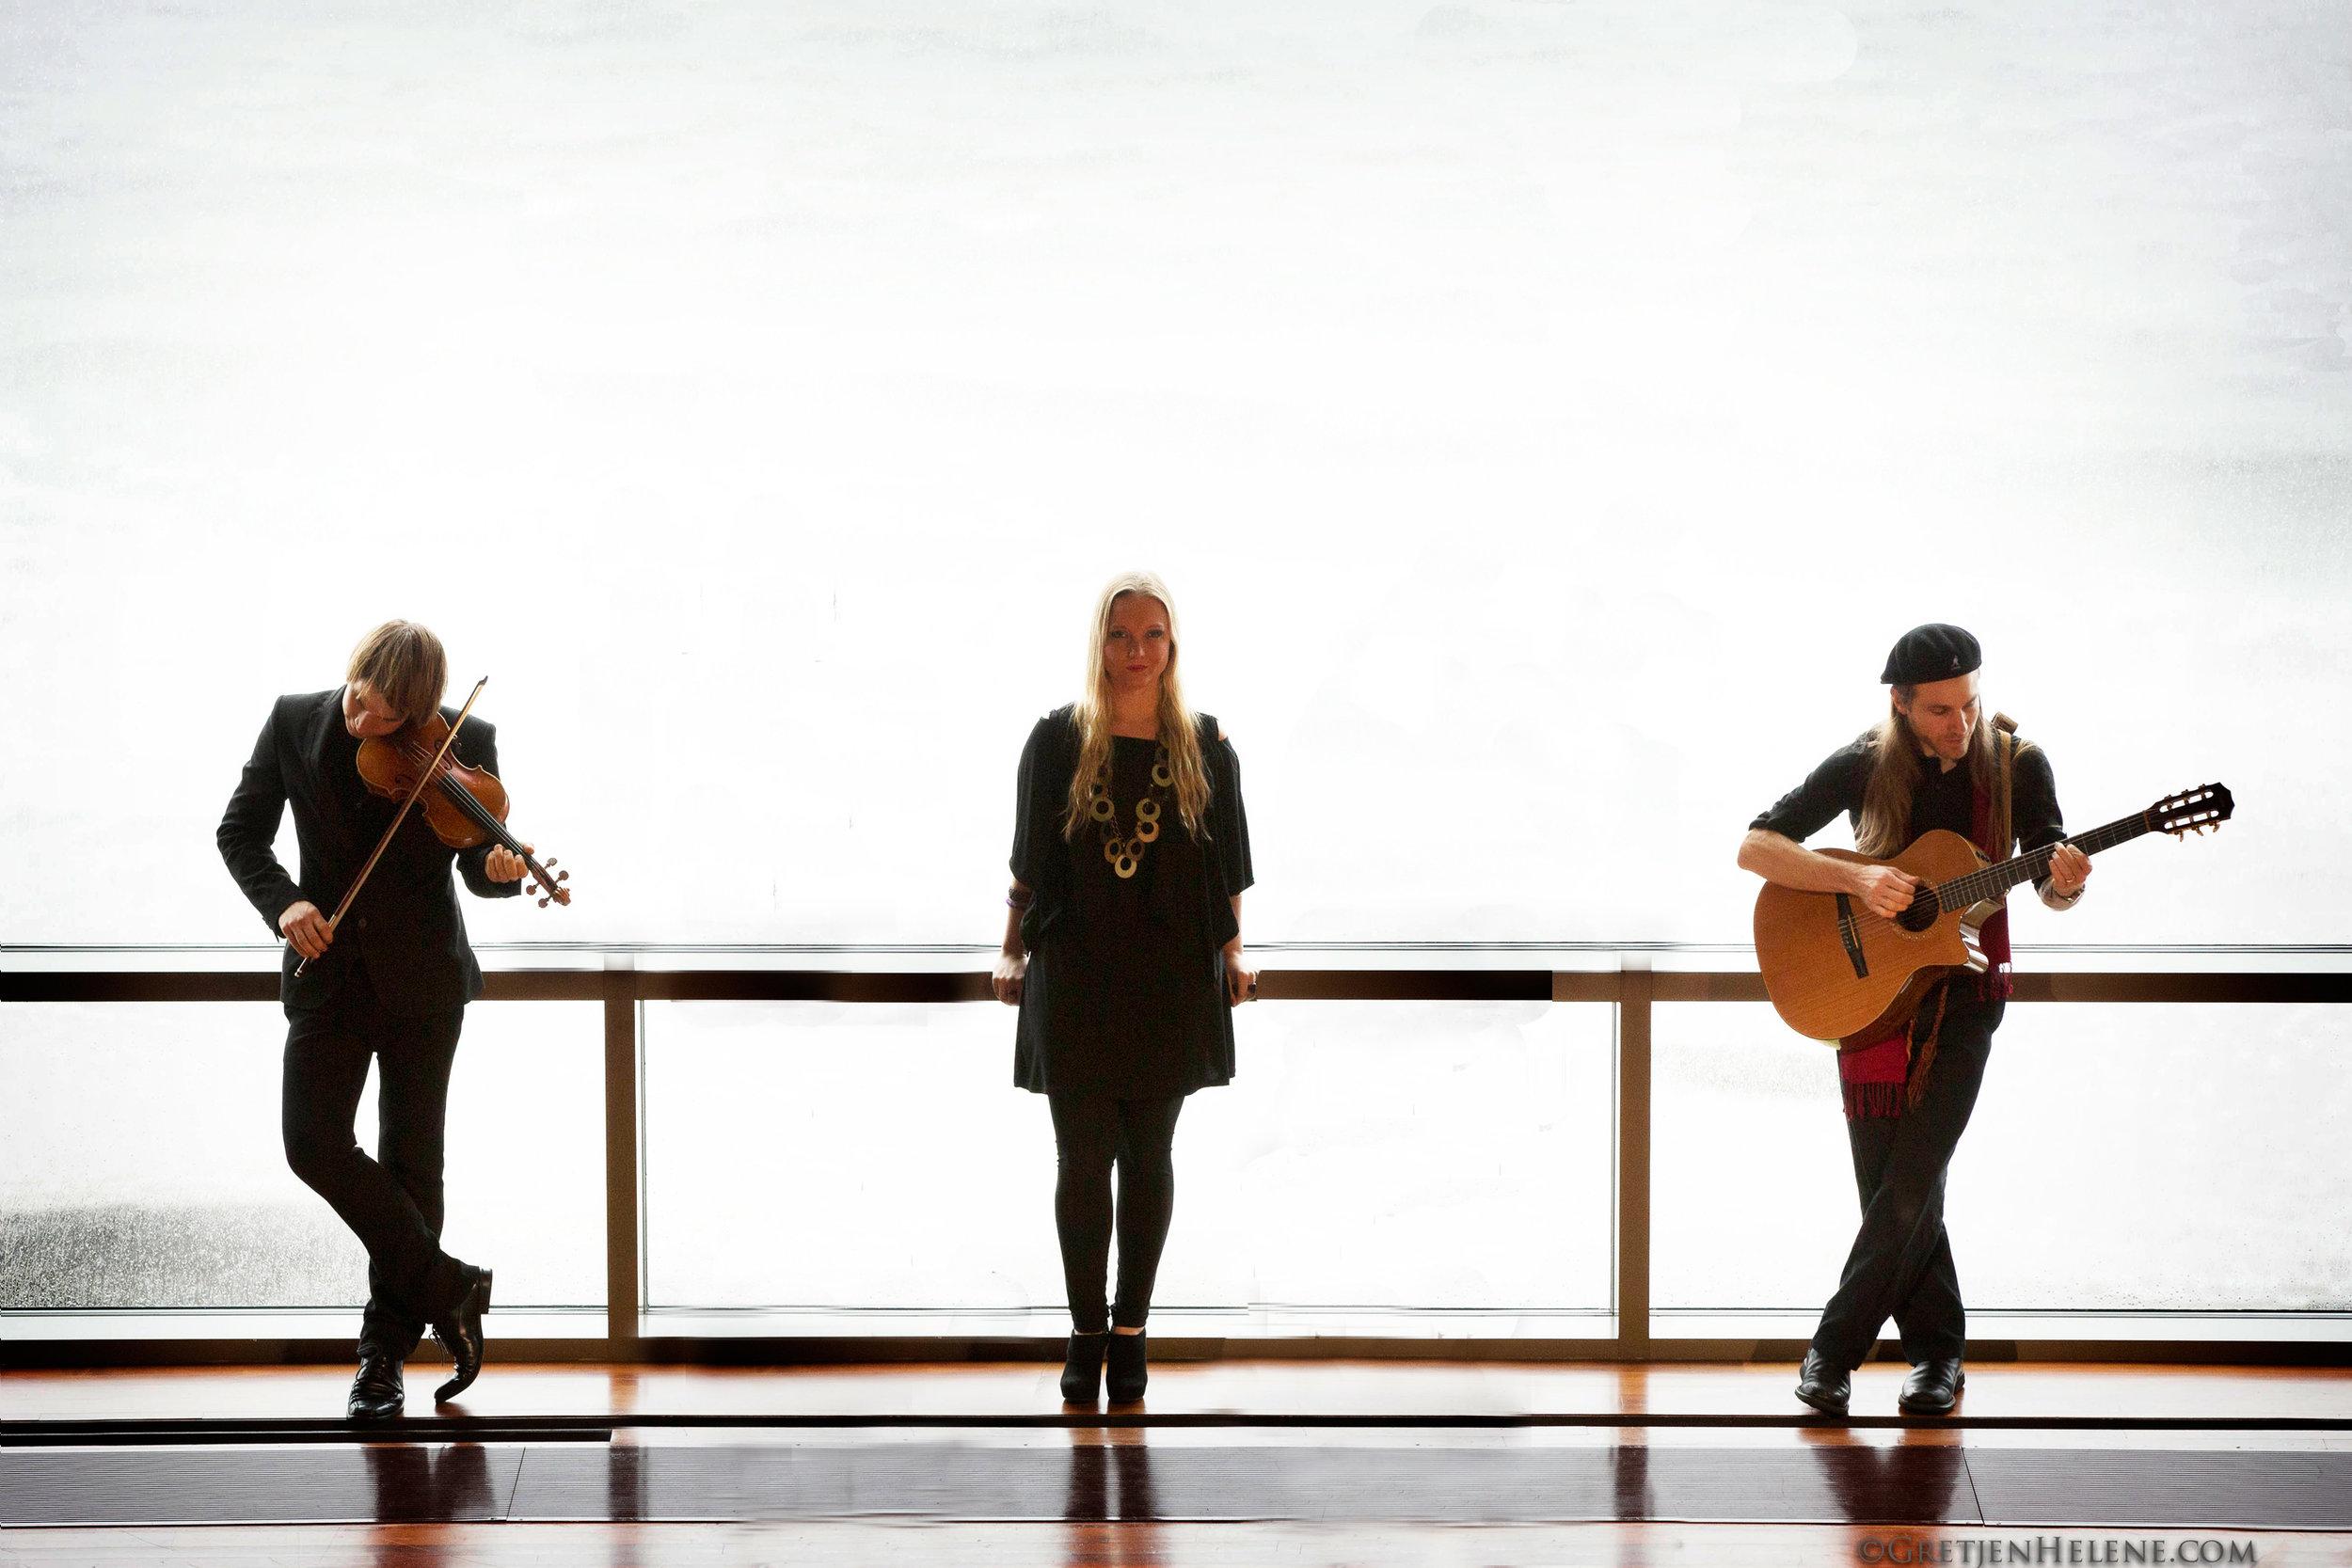 Guy Mendilow Trio - Photo by Gretjen Helen - 300dpi